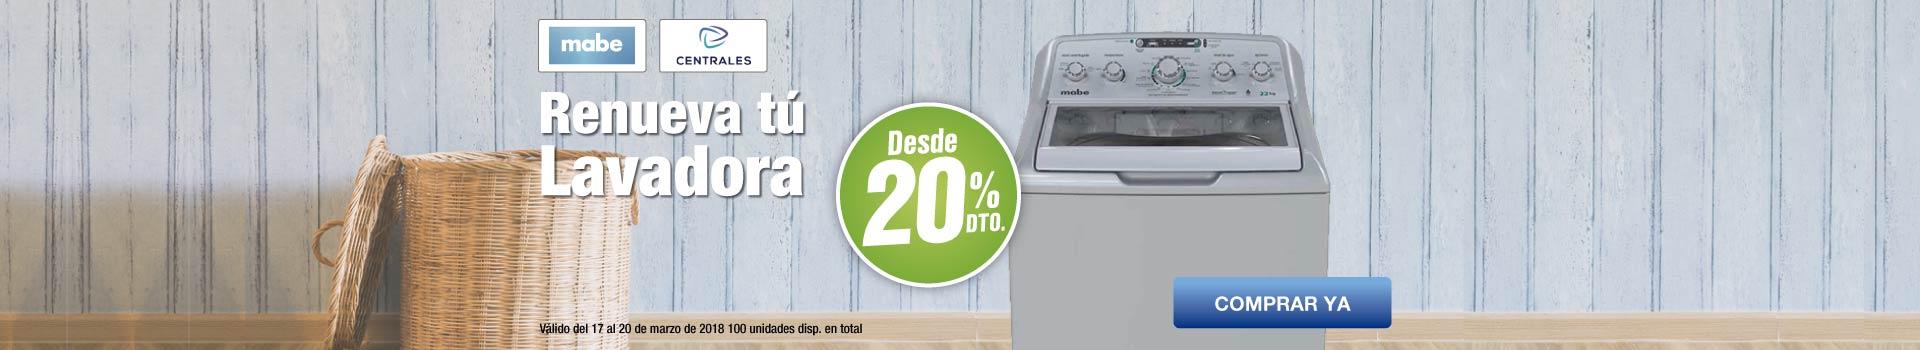 HIPE-RKT-2-LB-descuentos-lavado-mabe-centrales-cat-marzo17-20